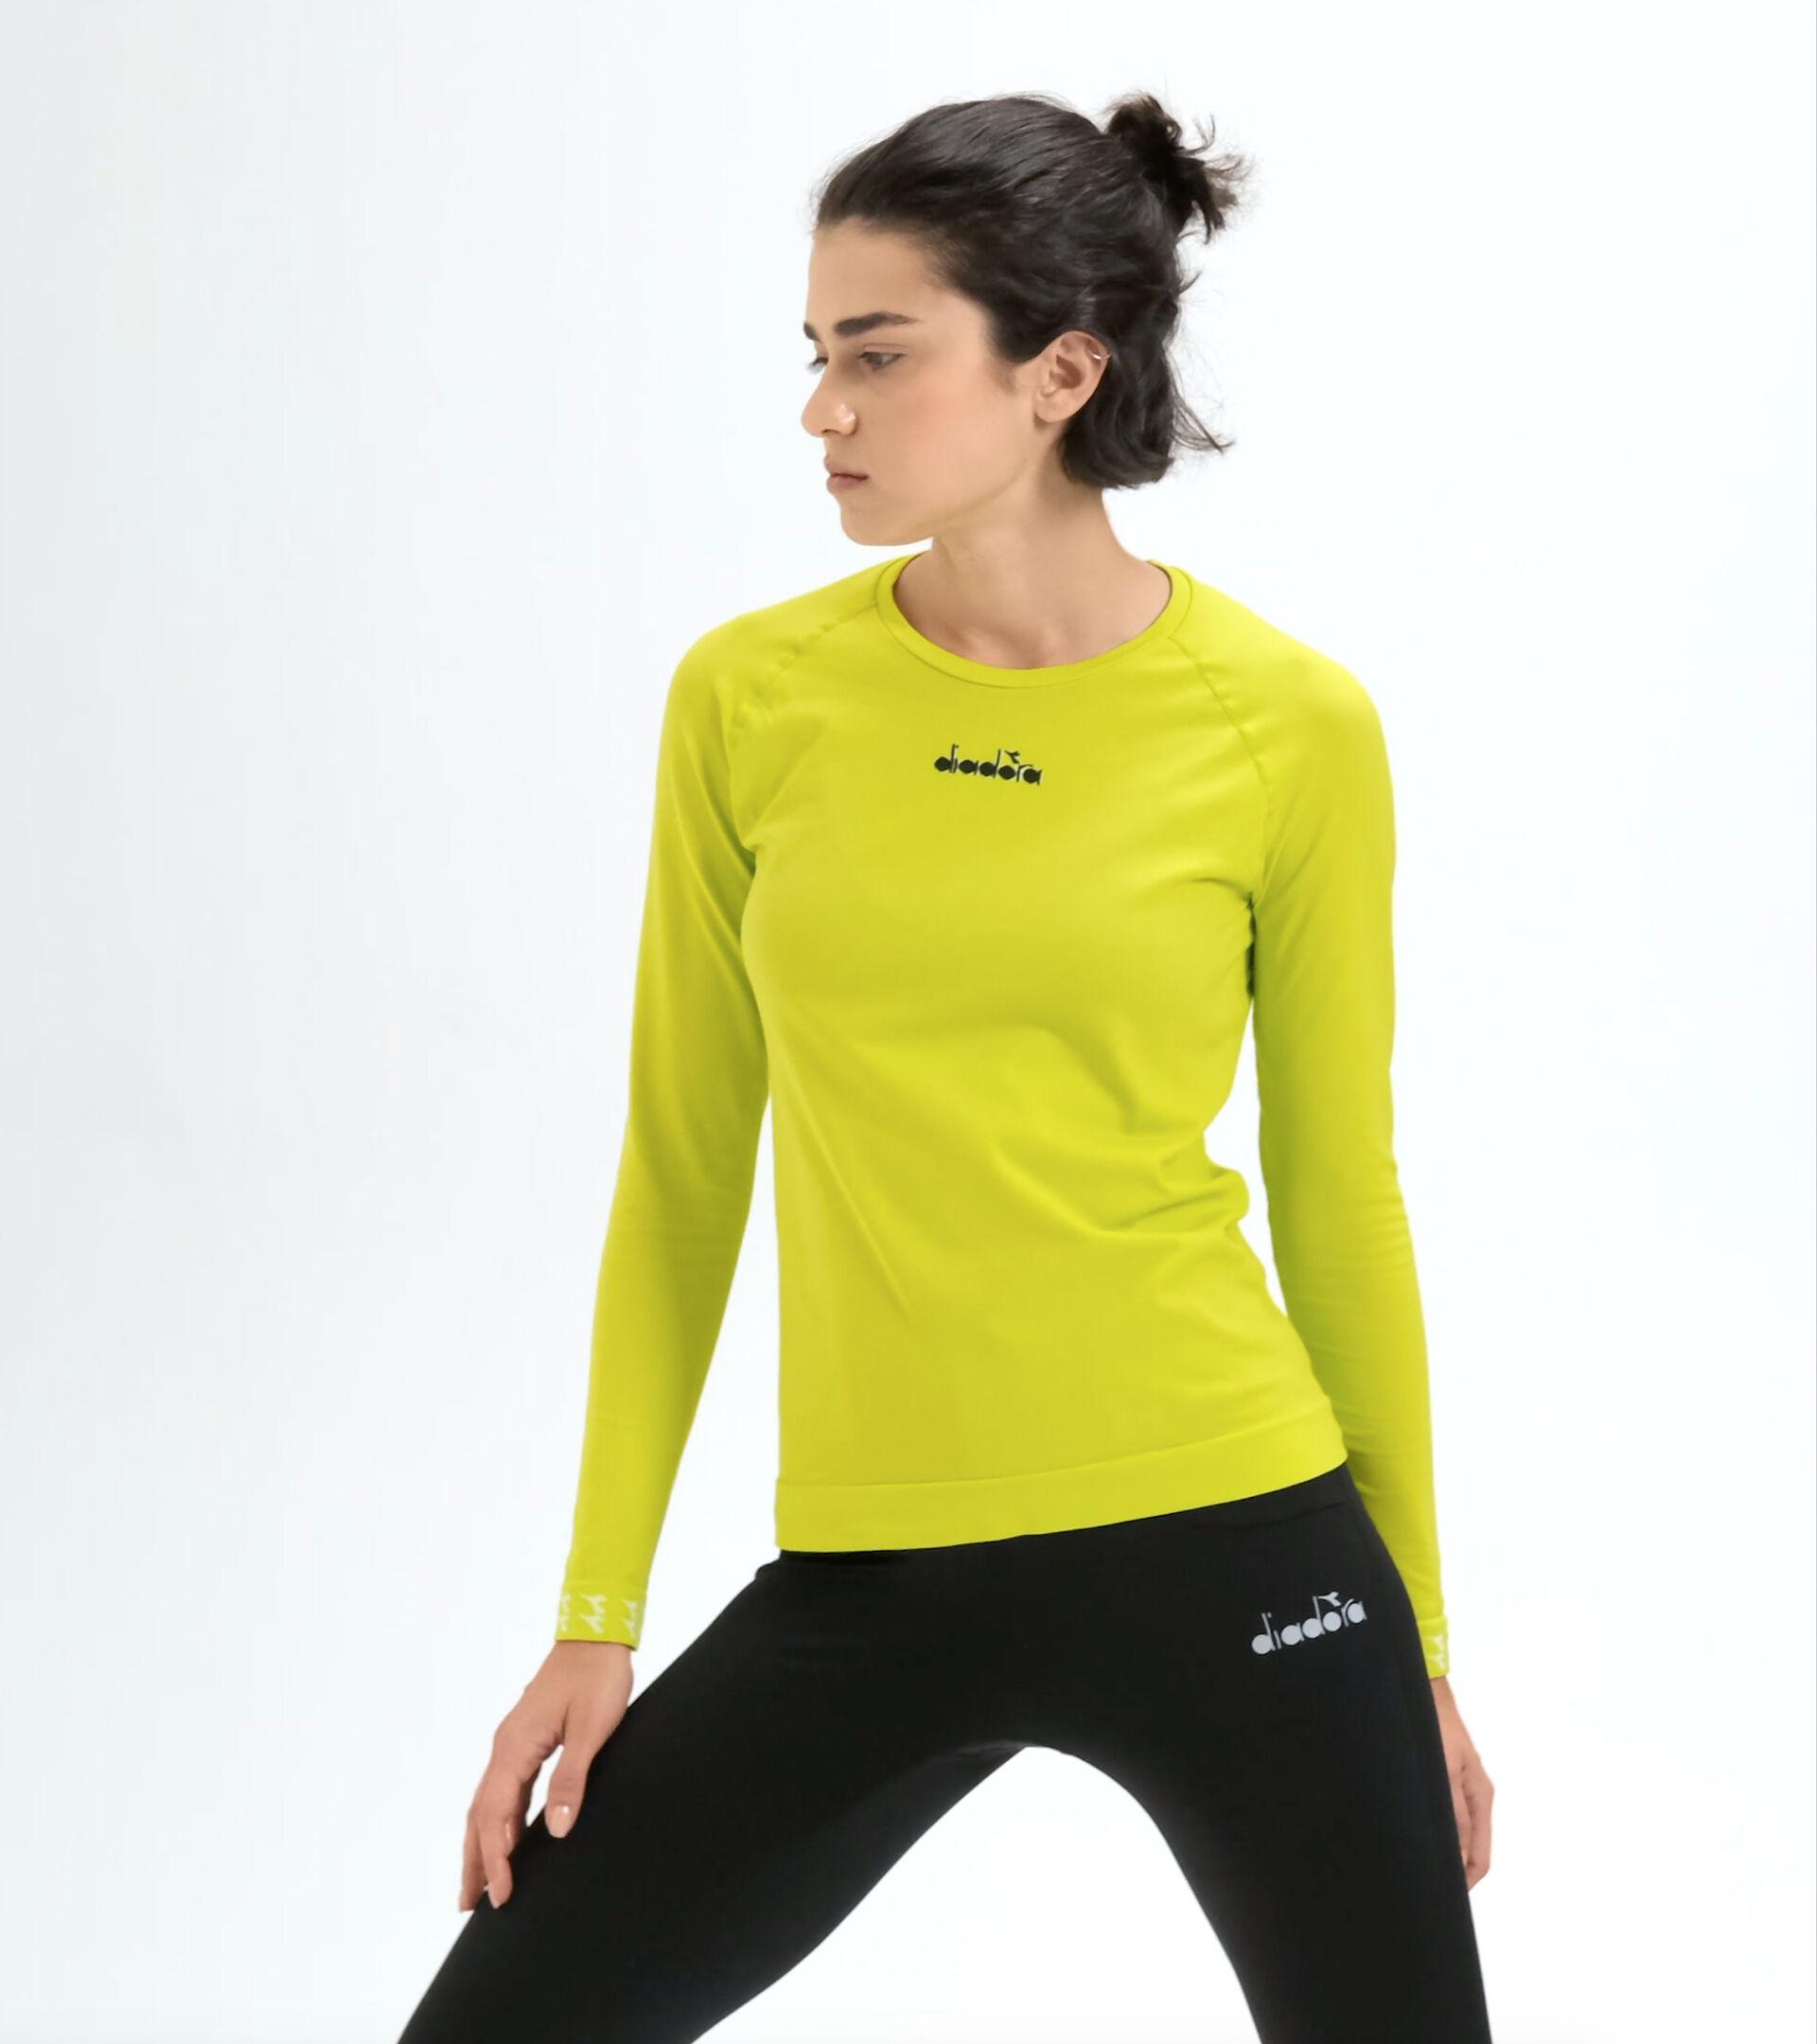 Lauf-T-Shirt Made in Italy - Damen L. LS SKIN FRIENDLY T-SHIRT SCHWEFELQUELLE - Diadora